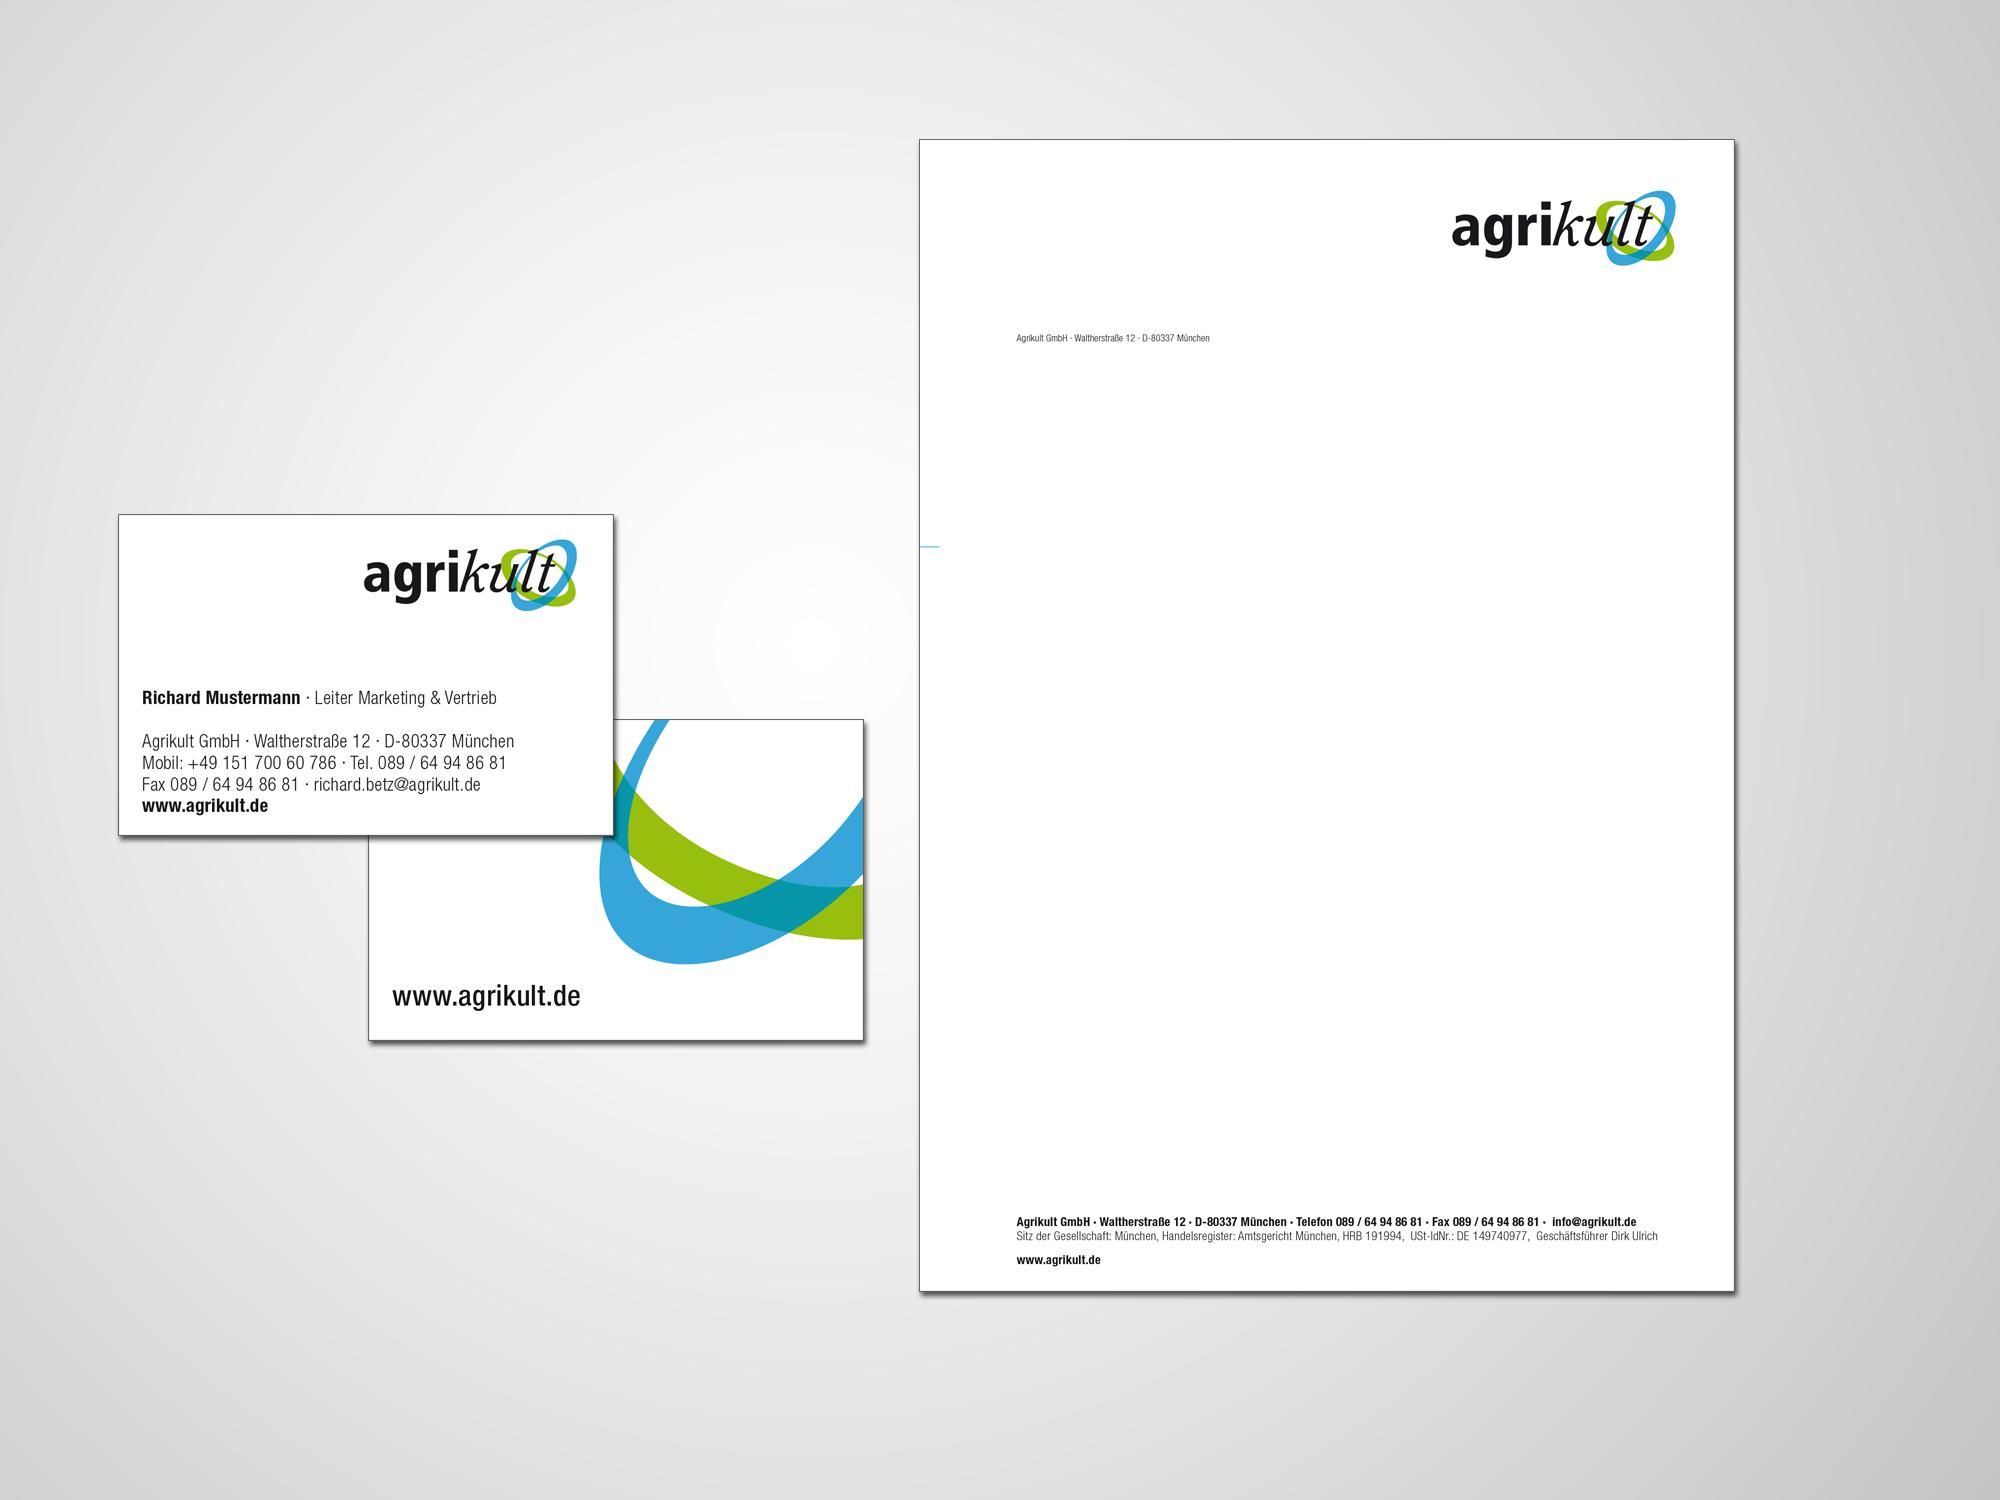 Corporate-Design-agrikult-Briefausstattung